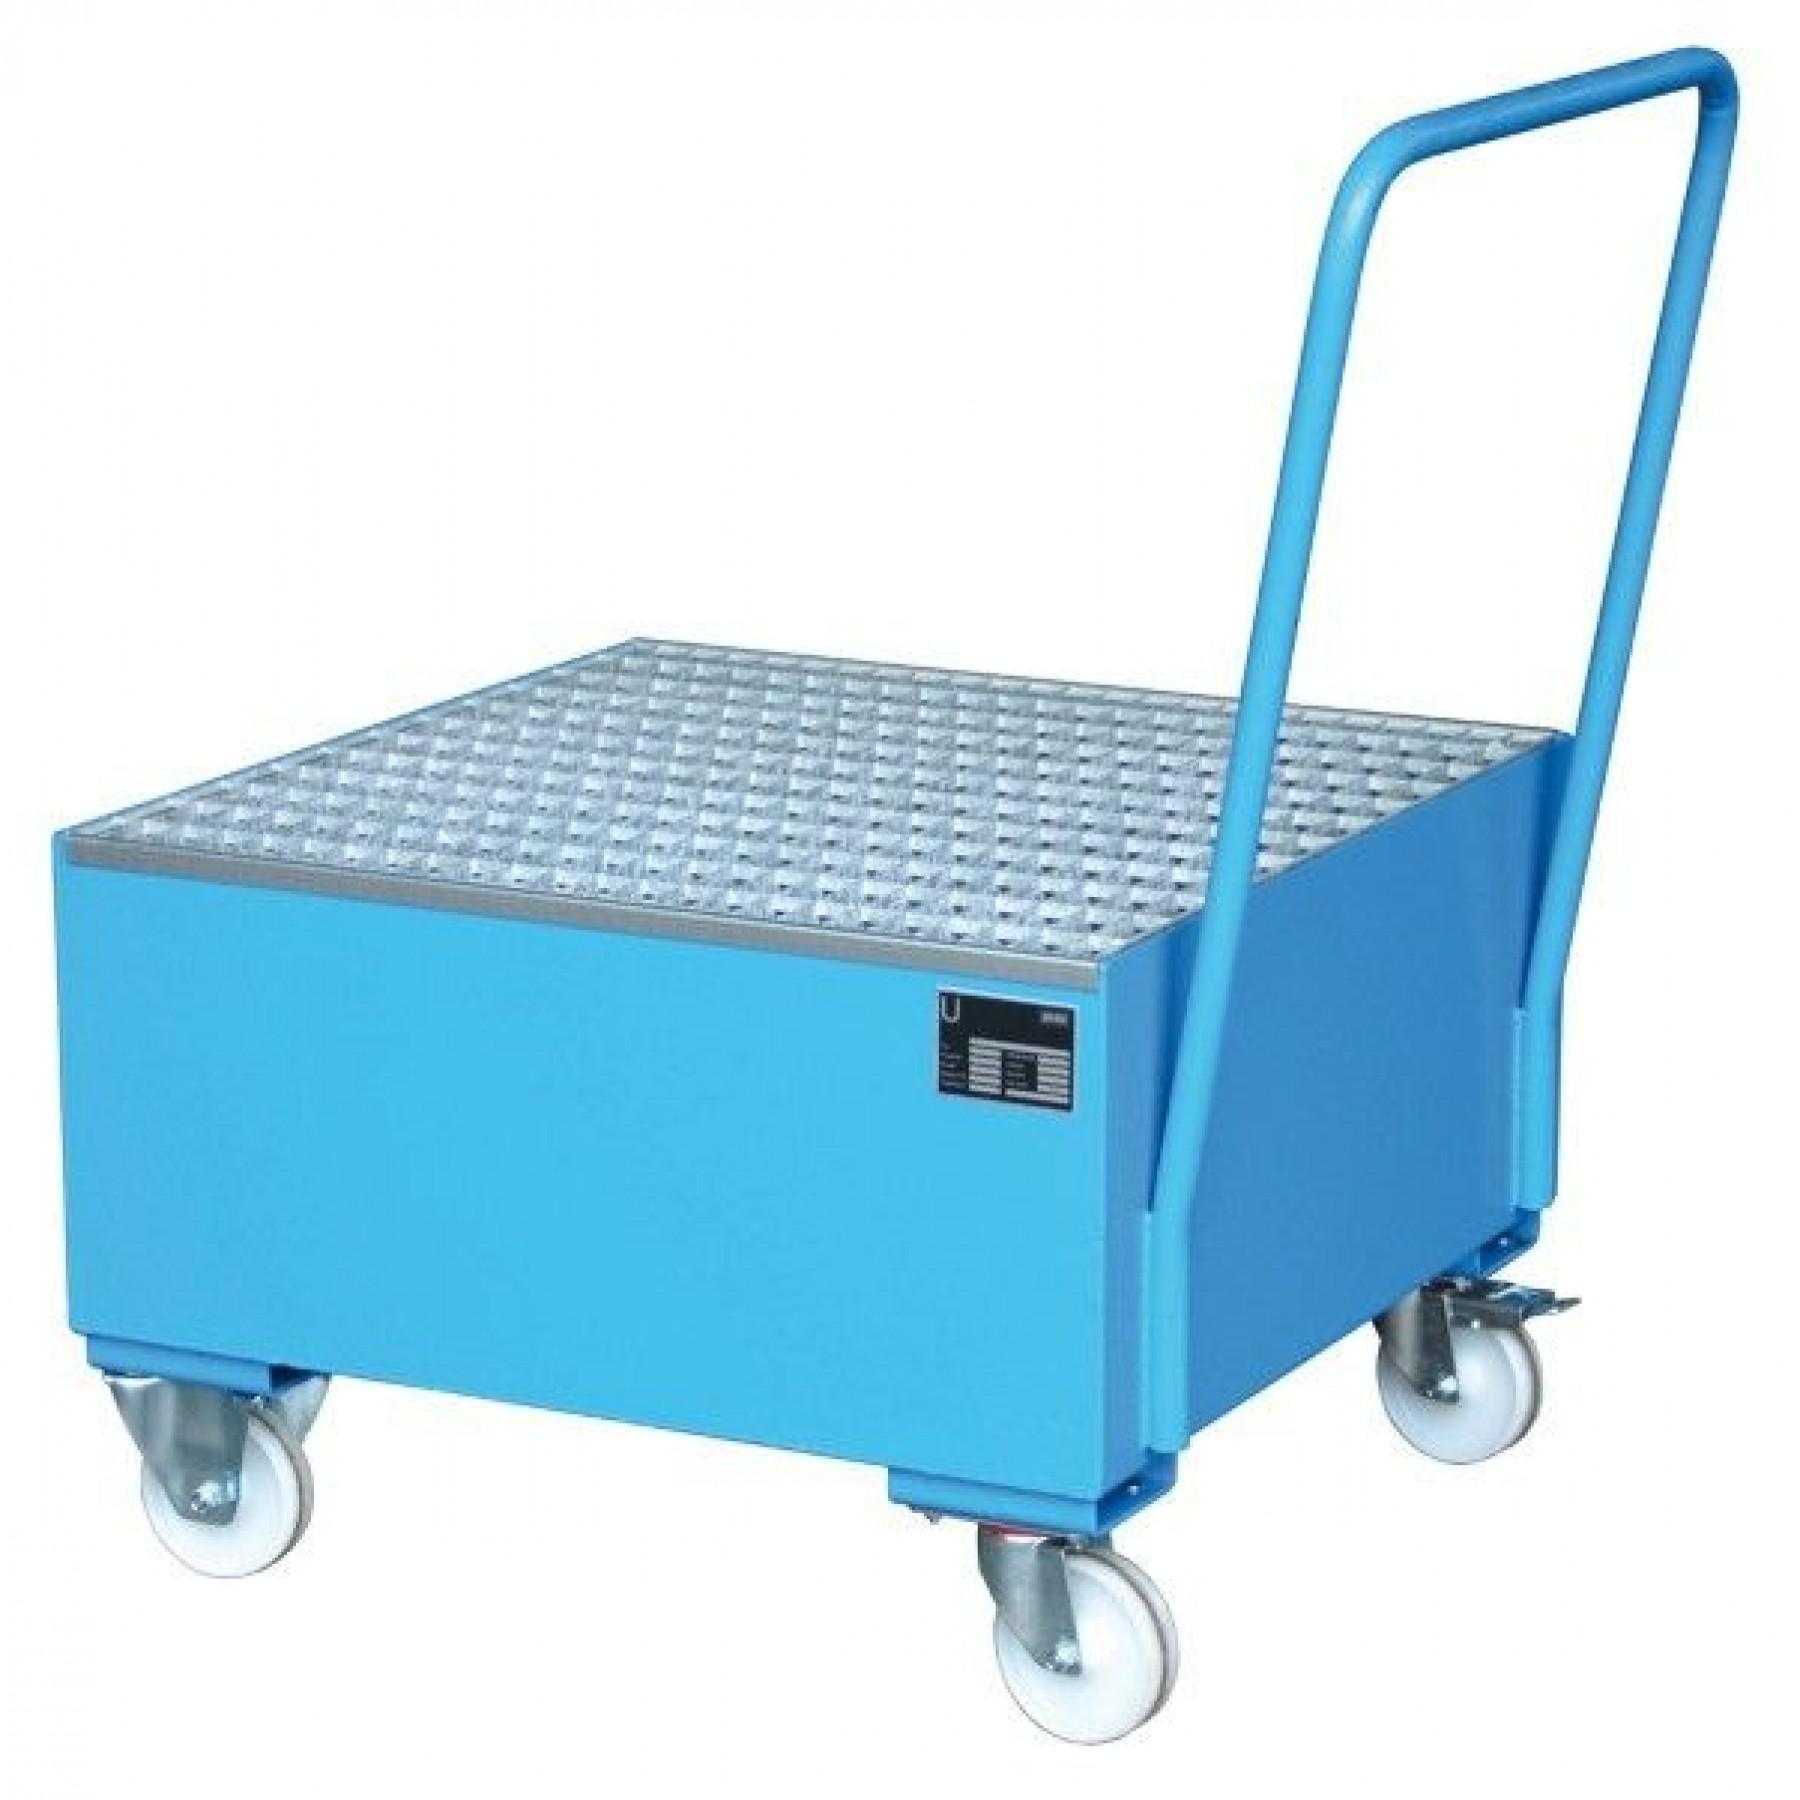 Verrijdbare vloeistofopvangbak 1 x 200 liter vat, 70049-2005